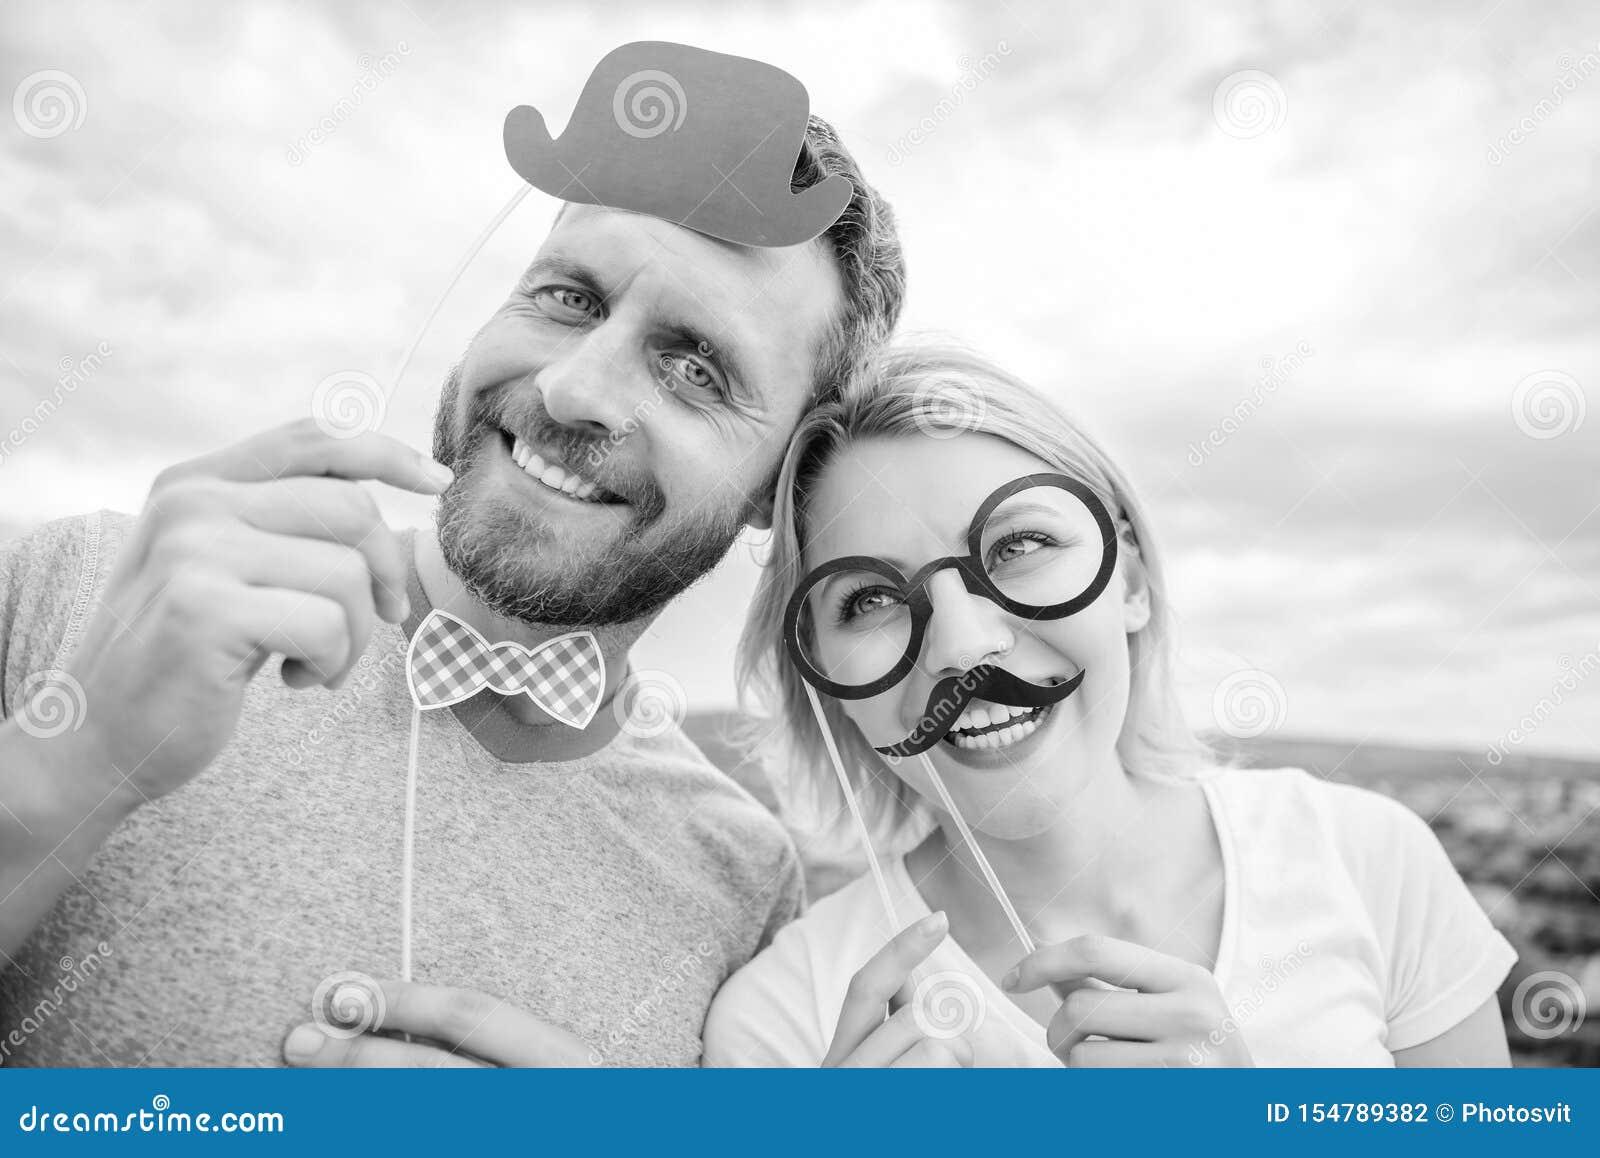 Passfotoautomat-St?tzen Mann mit Bart und Frau, die Spa?partei hat Addieren Sie etwas Spa? Herstellung der lustigen Fotogeburtsta